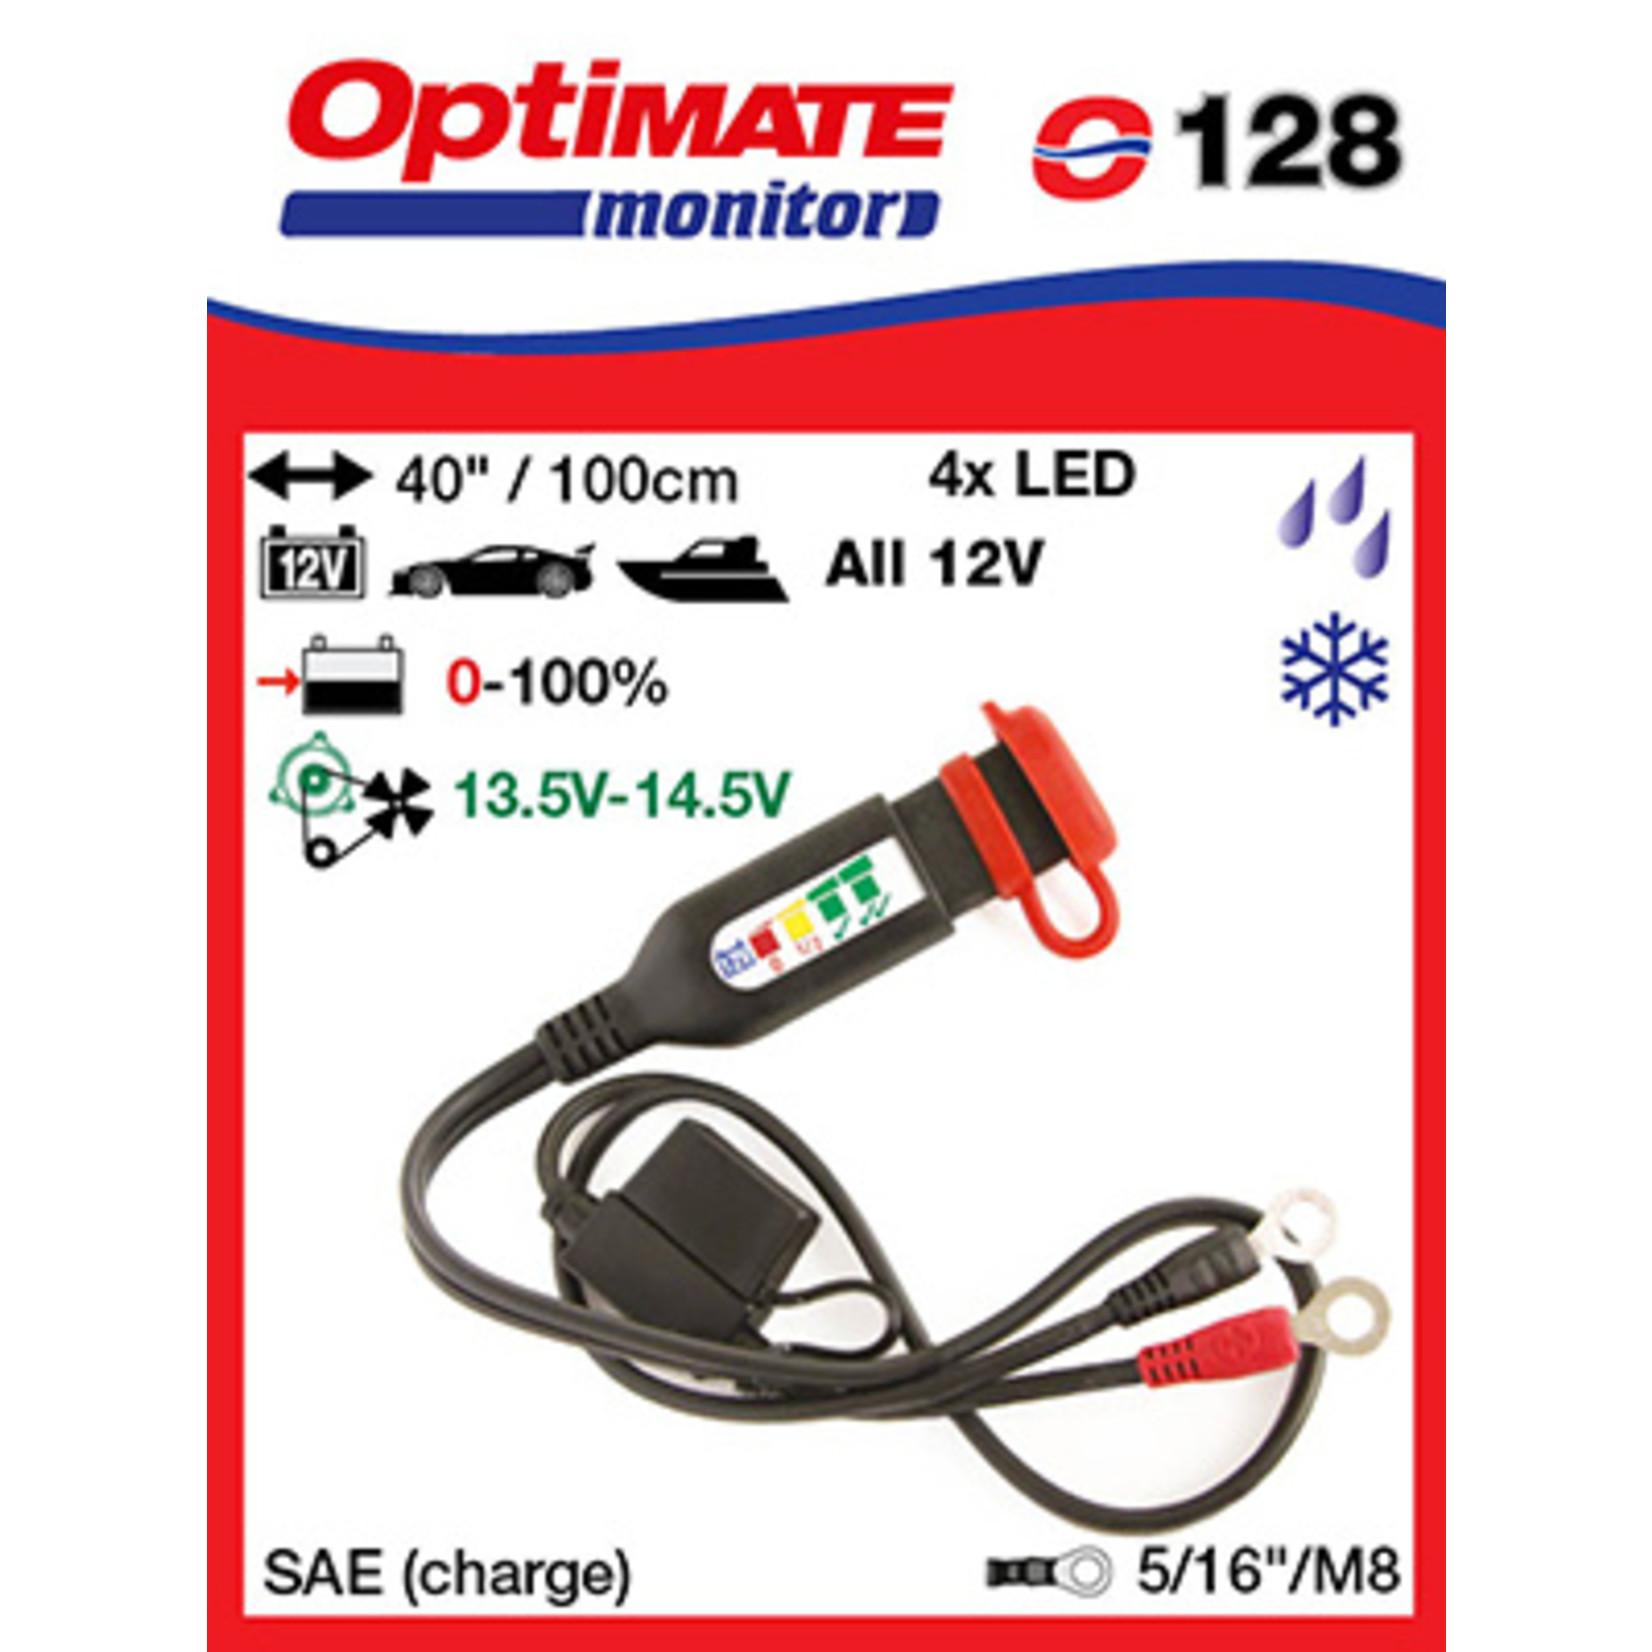 OptiMate OptiMate O-128 Accumonitor 12V